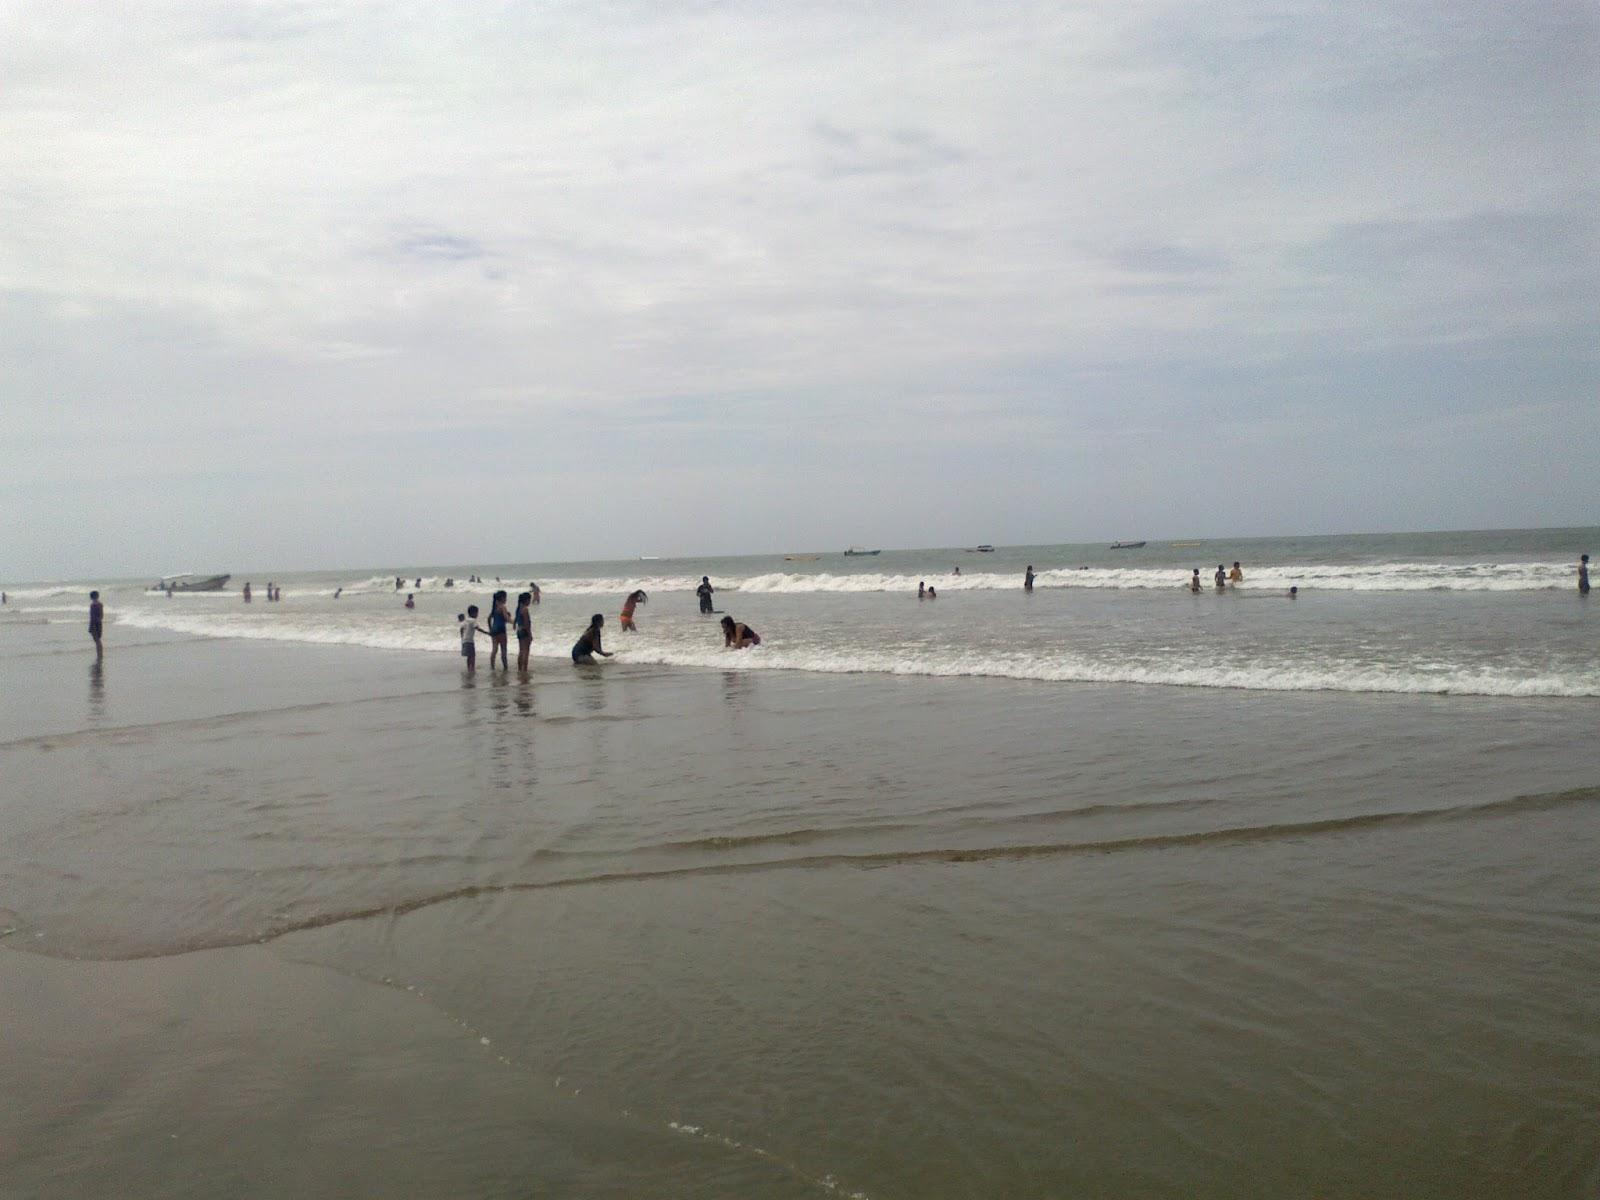 Manta de Verde gratis y playa brava | Mis historias urbanas